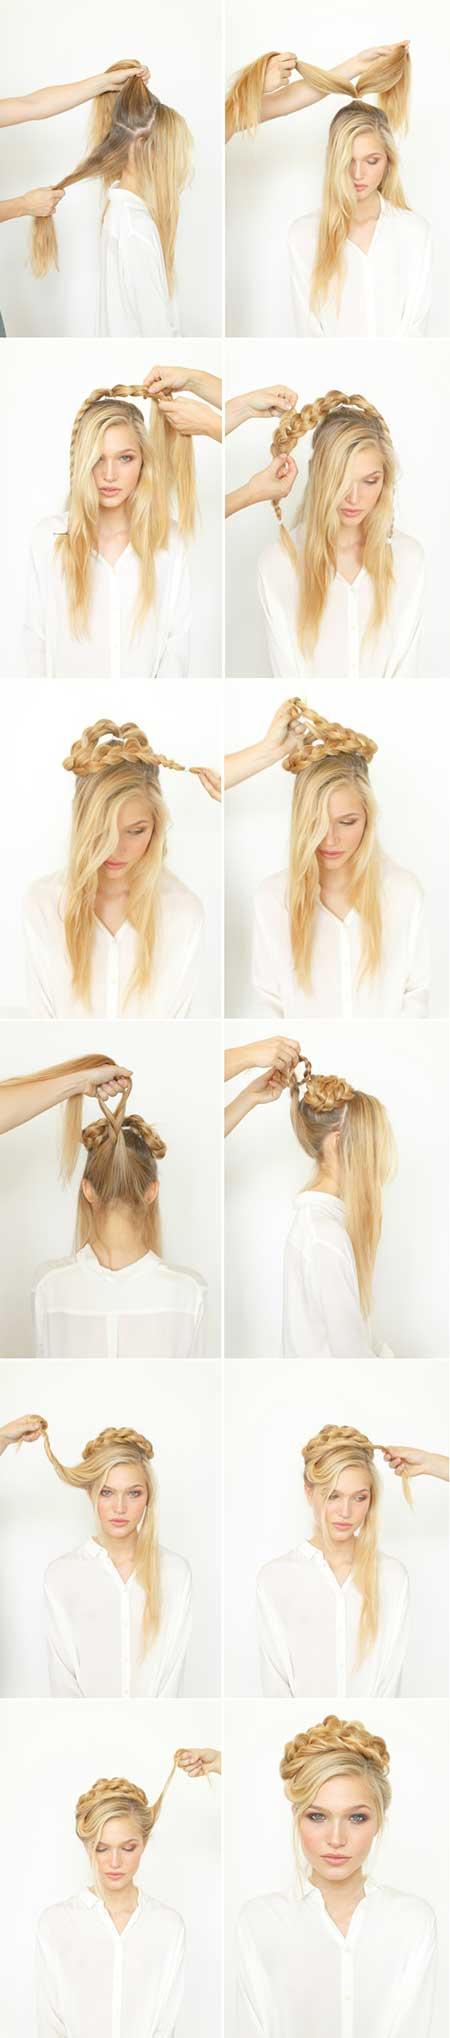 آموزش بافت مو همراه با تصویر آموزشی